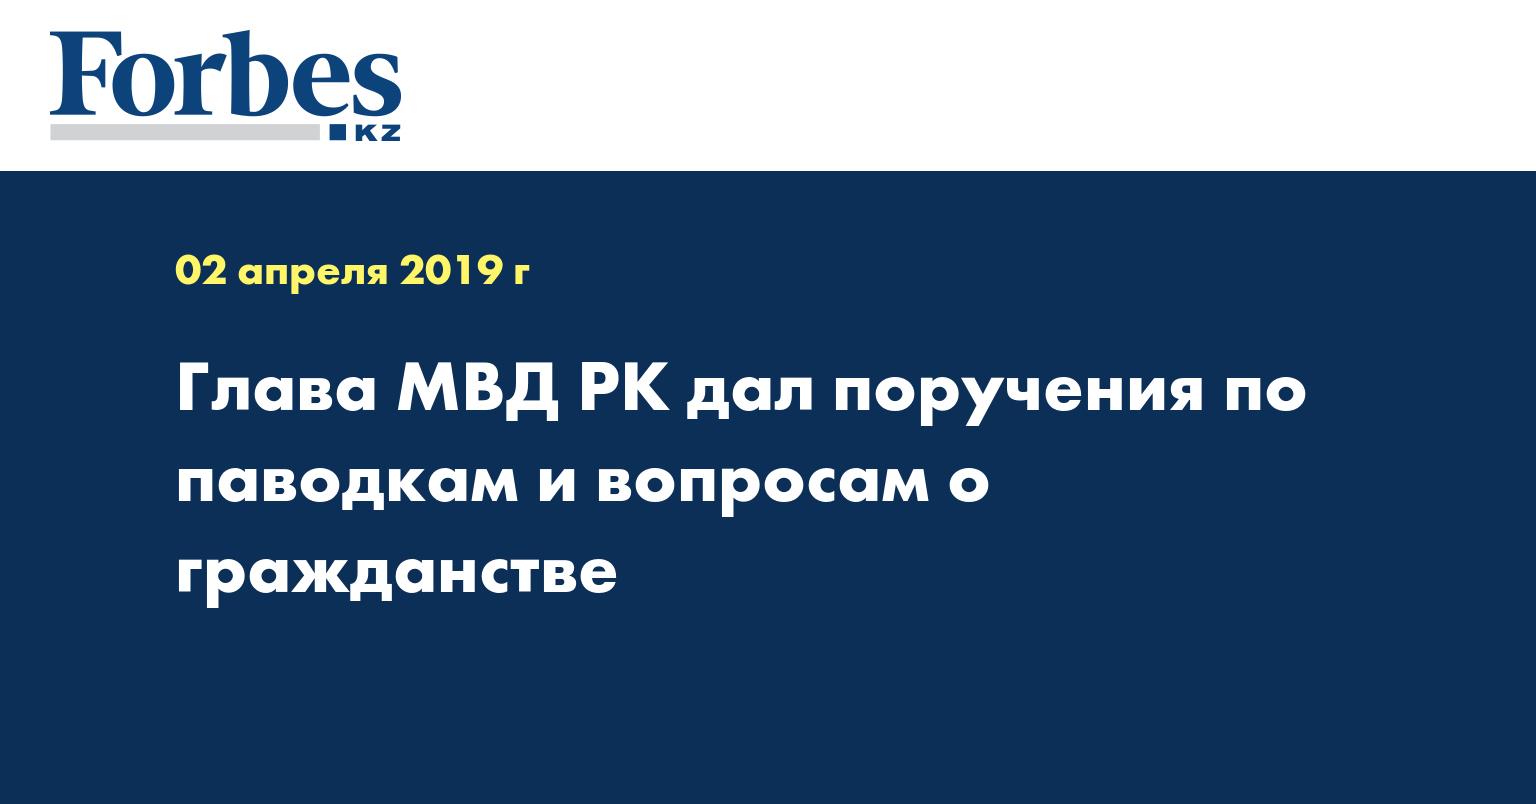 Глава МВД РК дал поручения по паводкам и вопросам о гражданстве